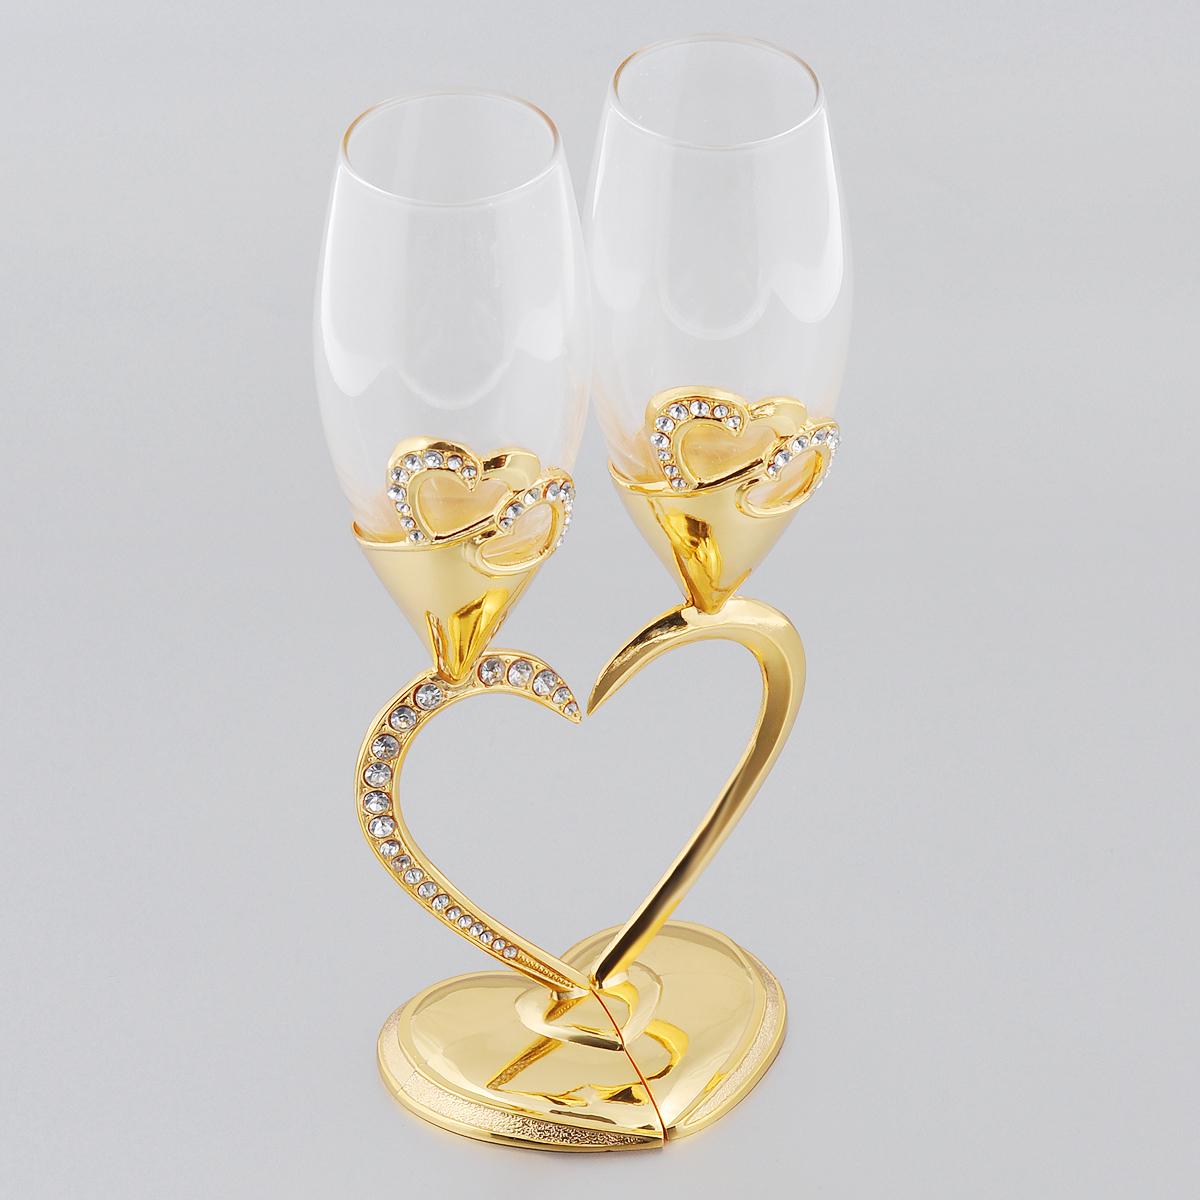 """Набор Marquis """"Сердце"""" состоит из двух бокалов на высоких ножках. Бокалы выполнены из  стекла. Изящные ножки изготовлены из стали в виде двух половинок сердца. Изделия  декорированы изображениями сердец и стразами.  Бокалы идеально подойдут для шампанского и вина. Набор станет прекрасным дополнением  романтического вечера. Изысканные изделия необычного оформления понравятся и  ценителям классики, и тем, кто предпочитает утонченность и изысканность."""